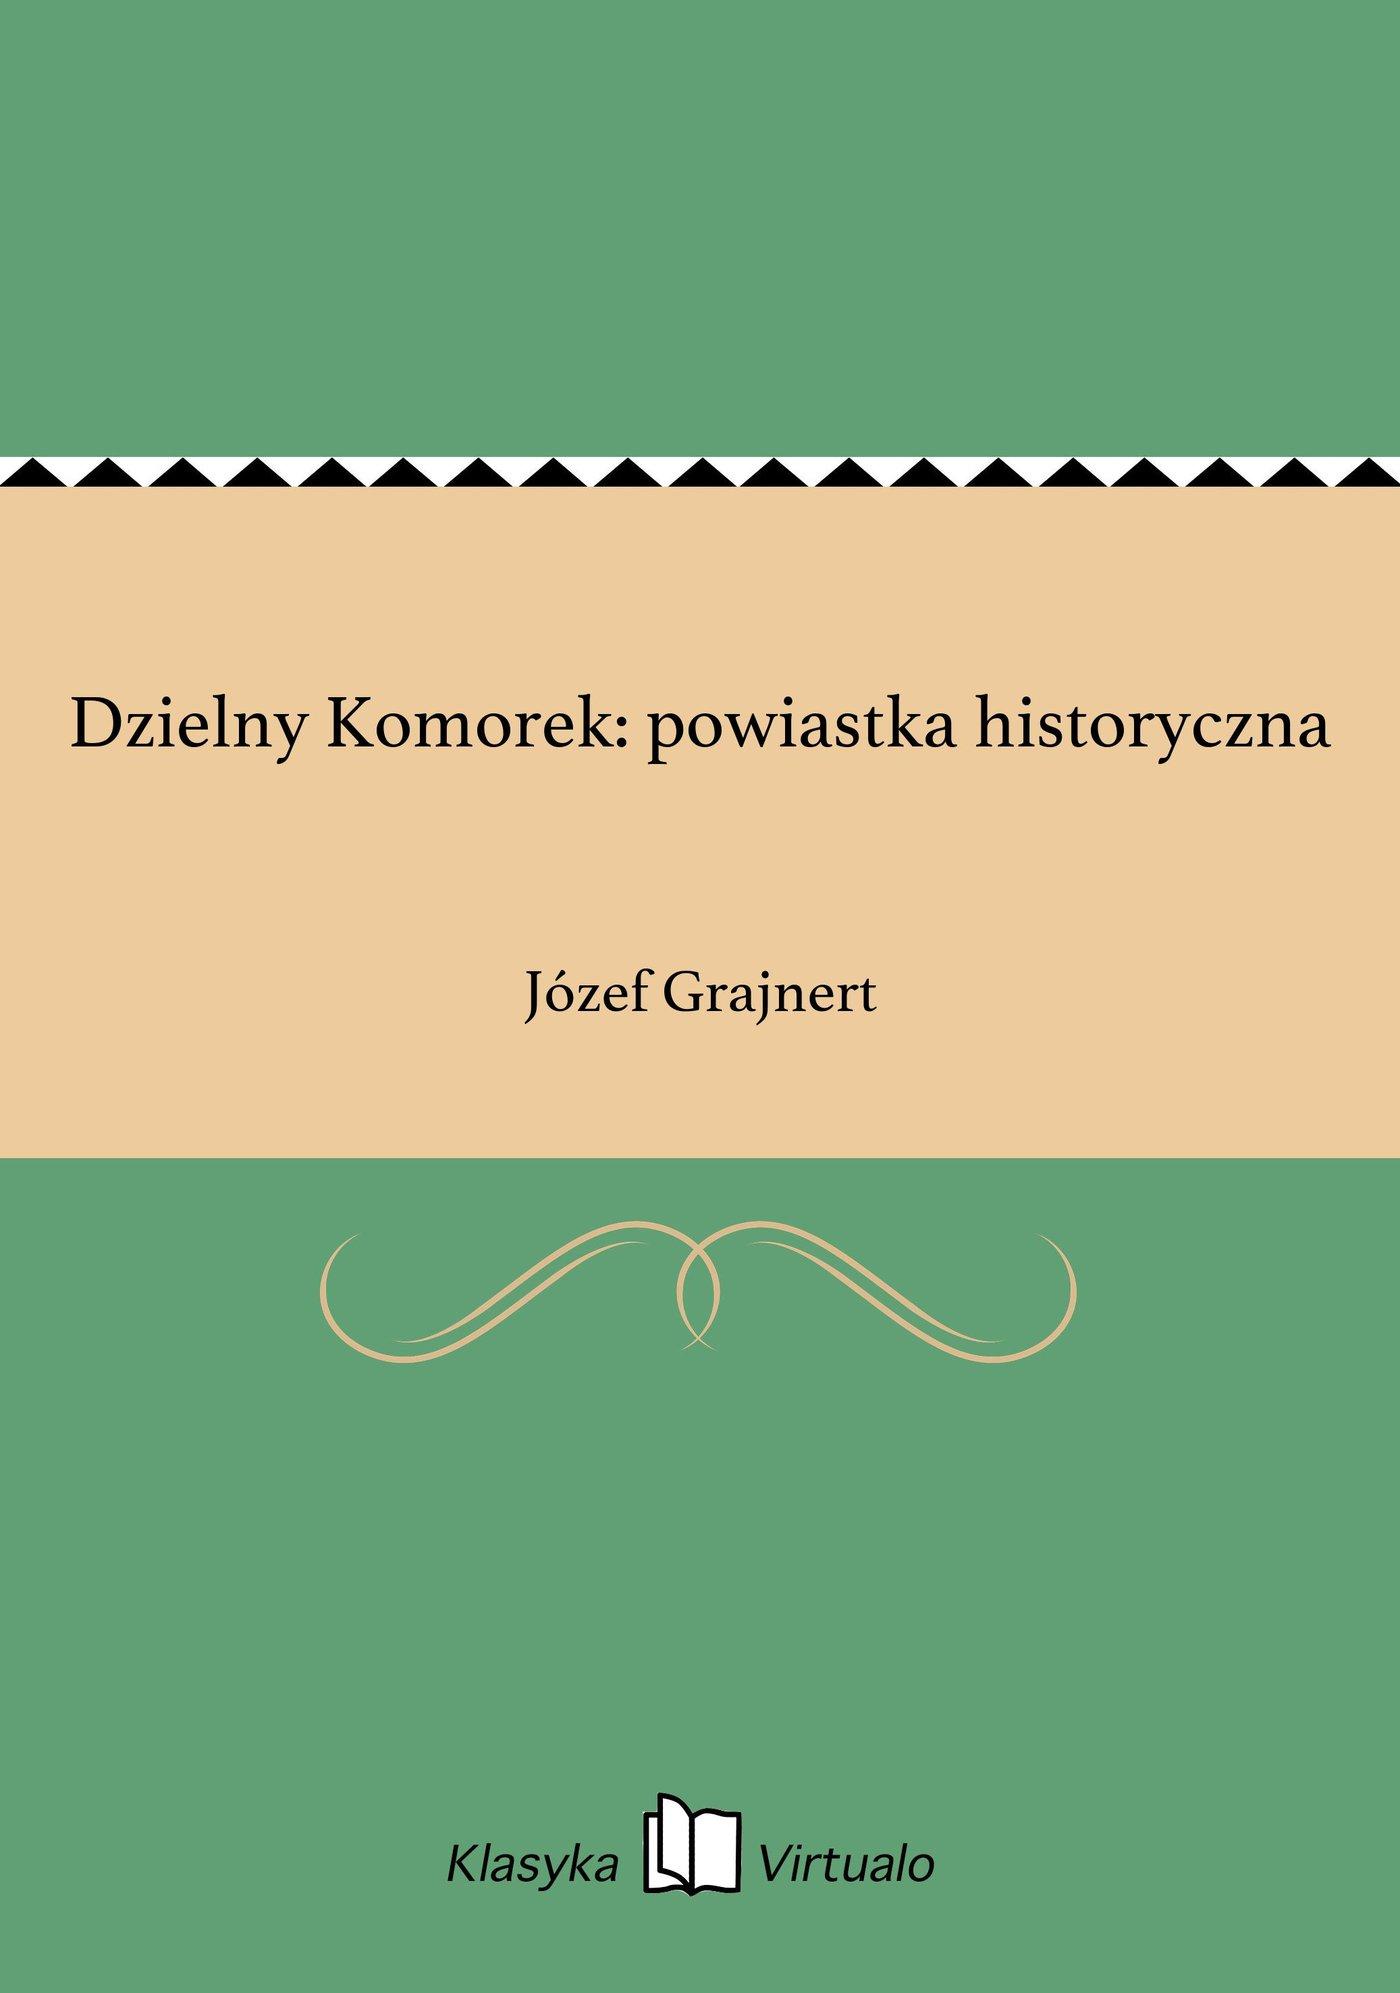 Dzielny Komorek: powiastka historyczna - Ebook (Książka EPUB) do pobrania w formacie EPUB